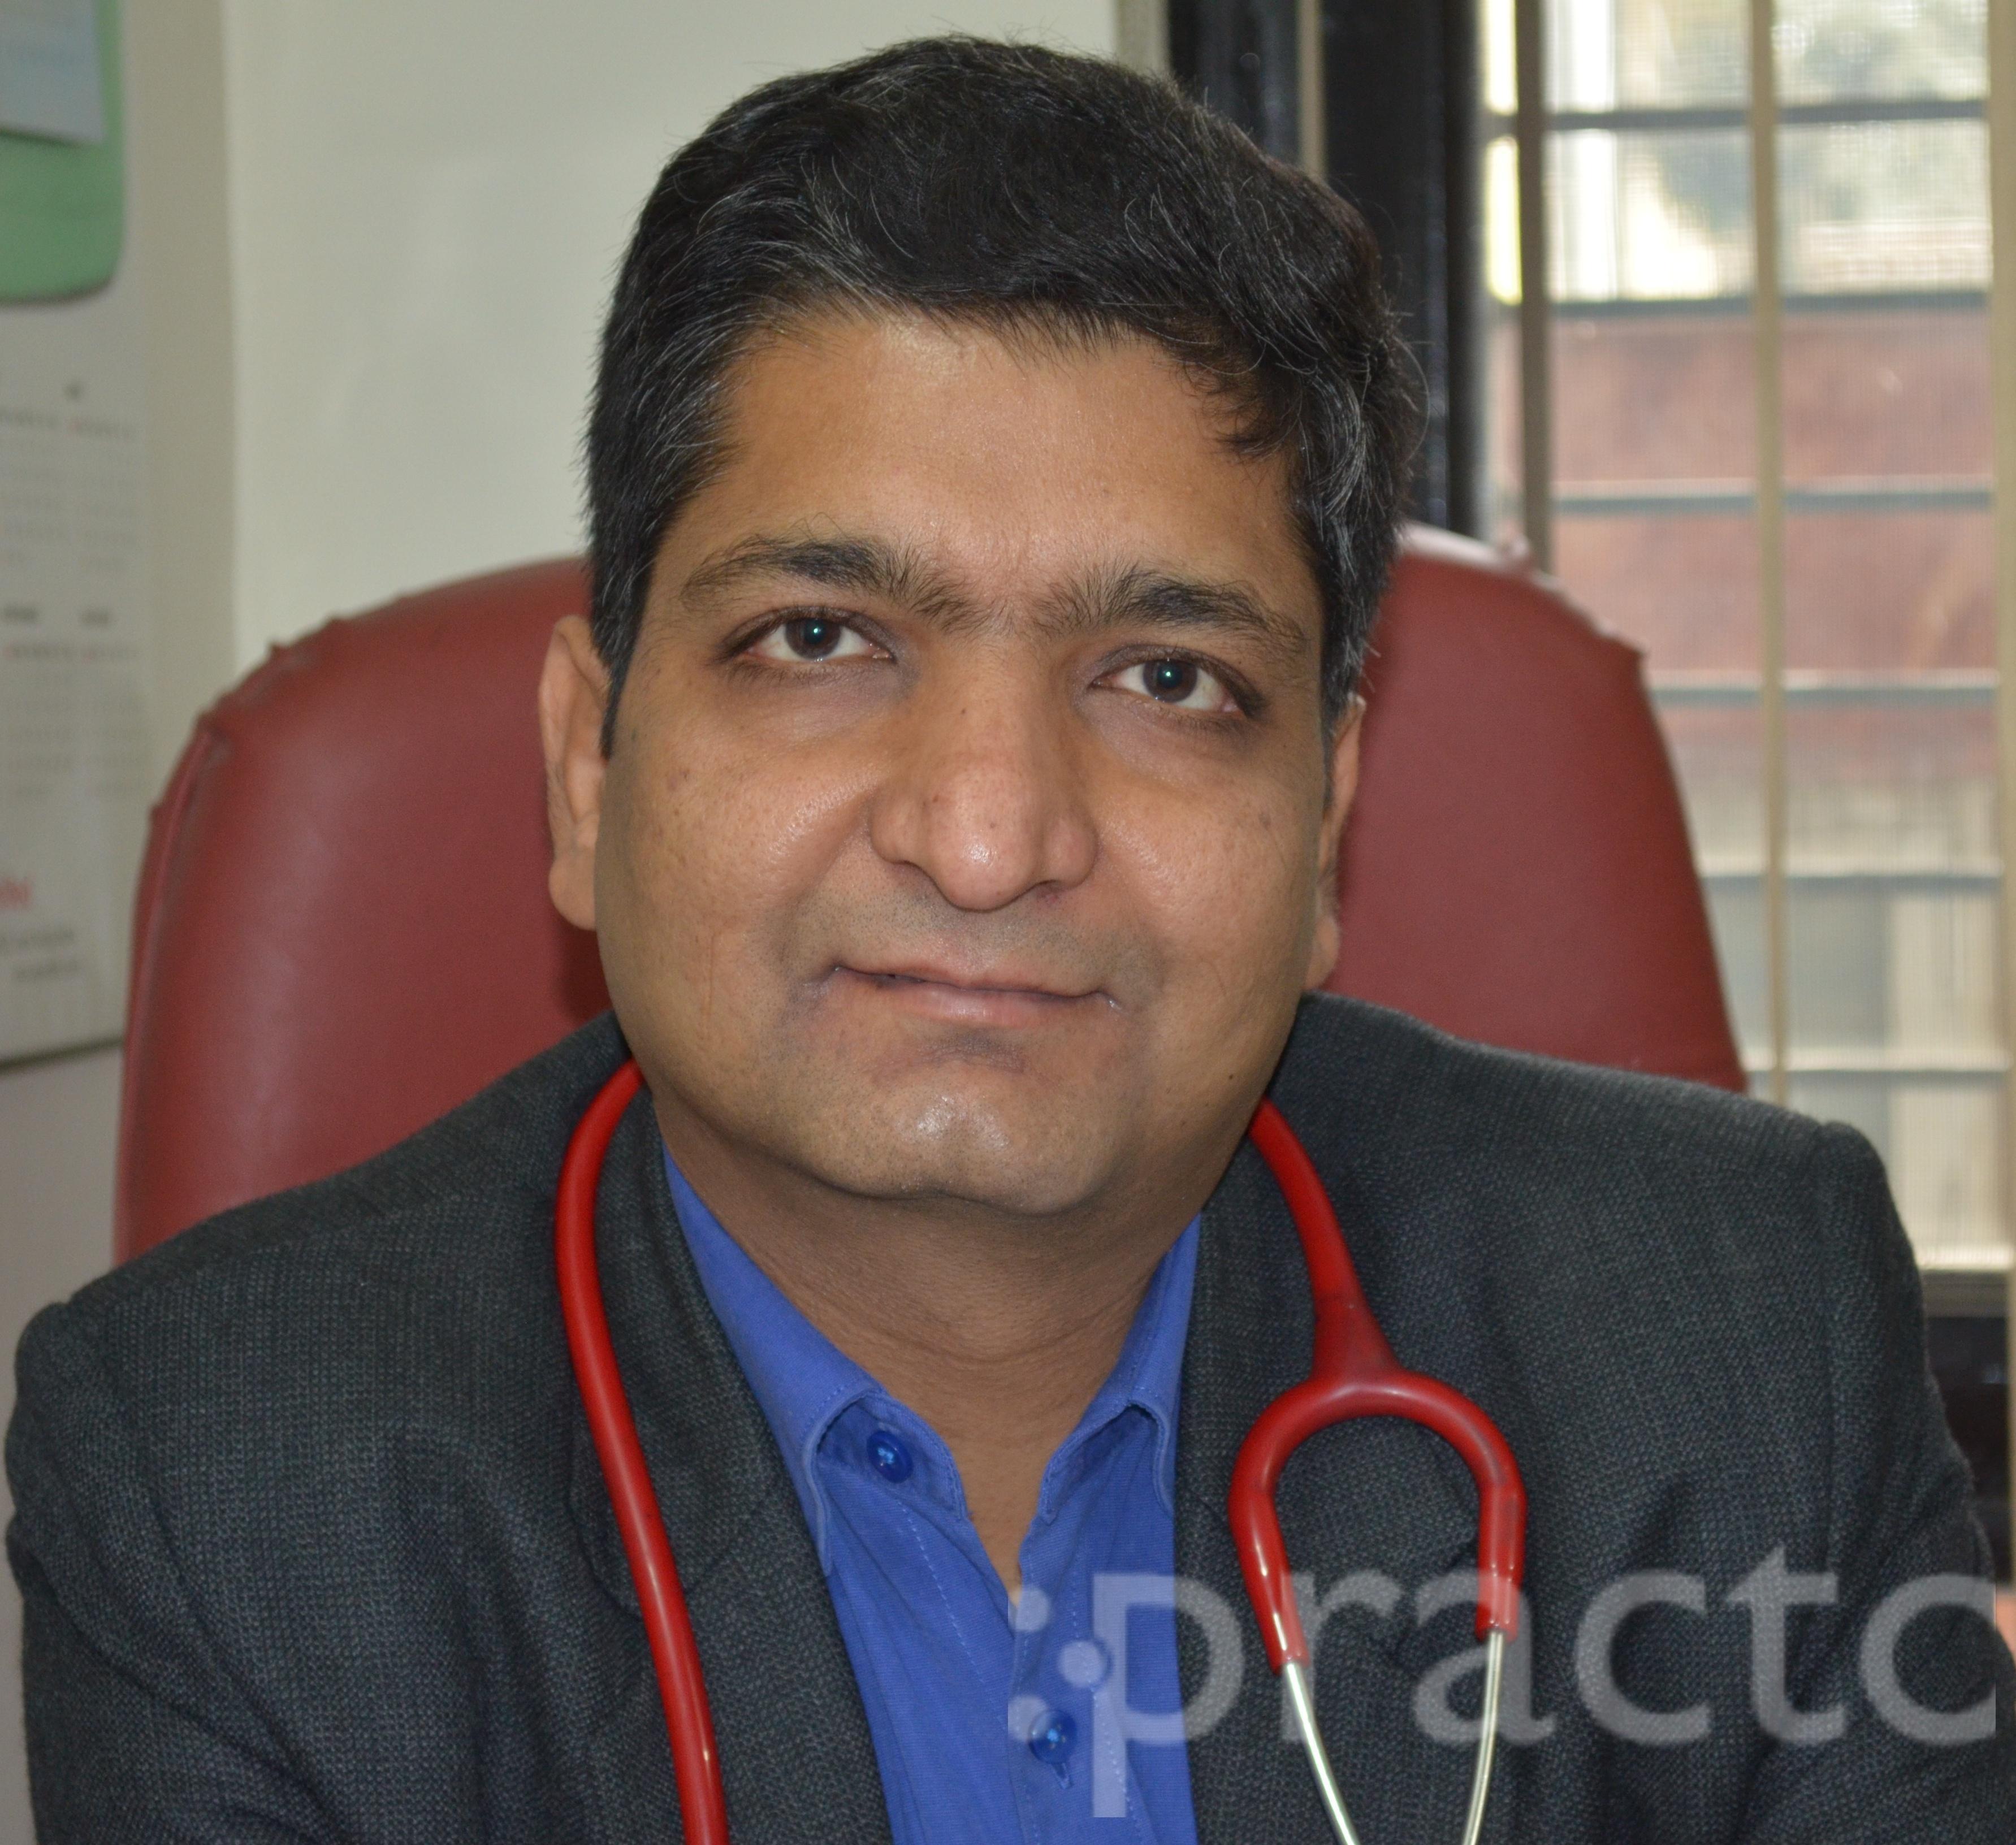 Dr. Gaurav Gupta - Pediatrician